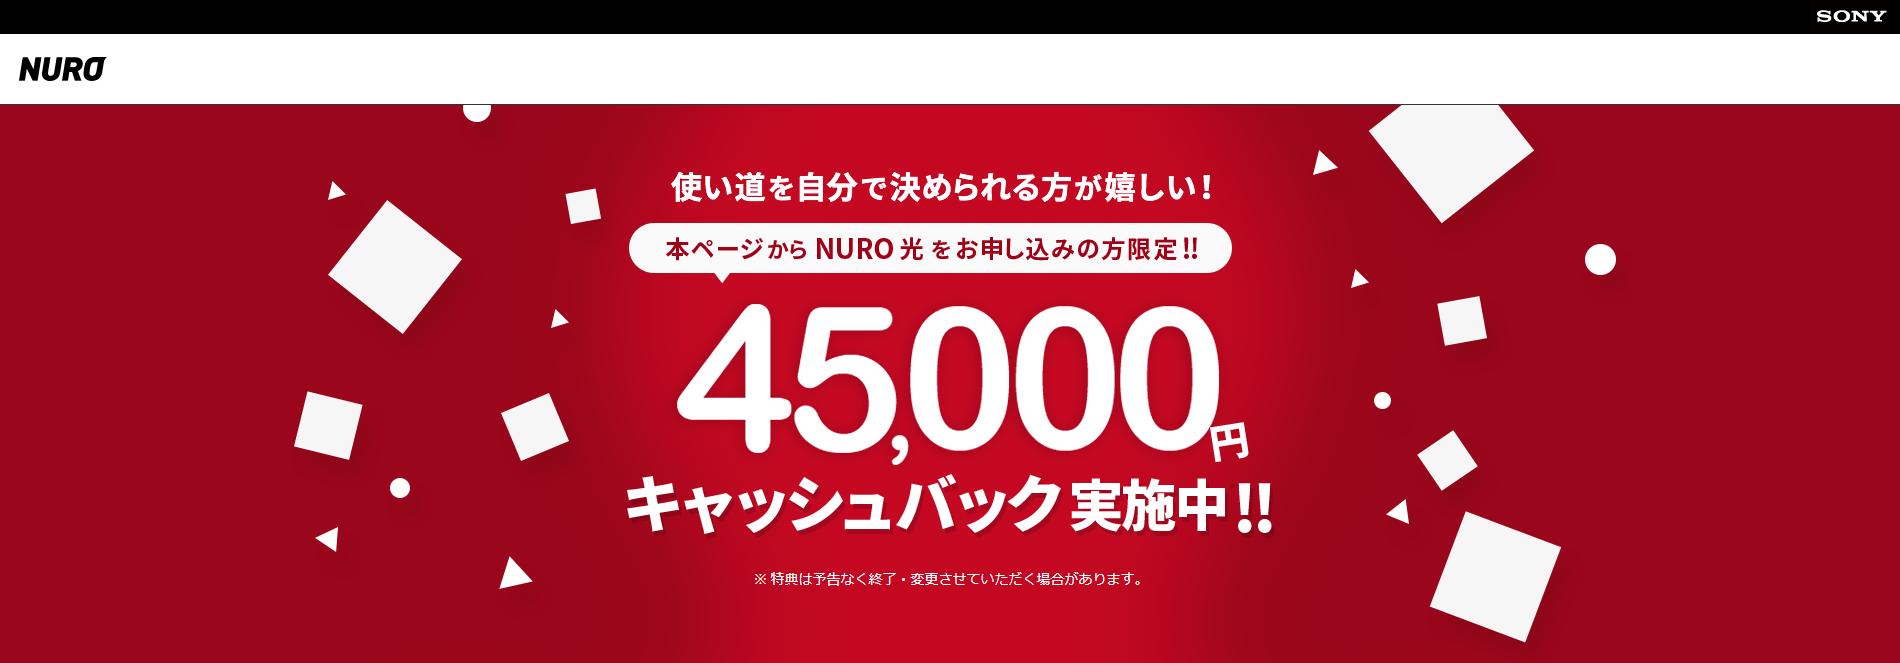 NURO光トップページ